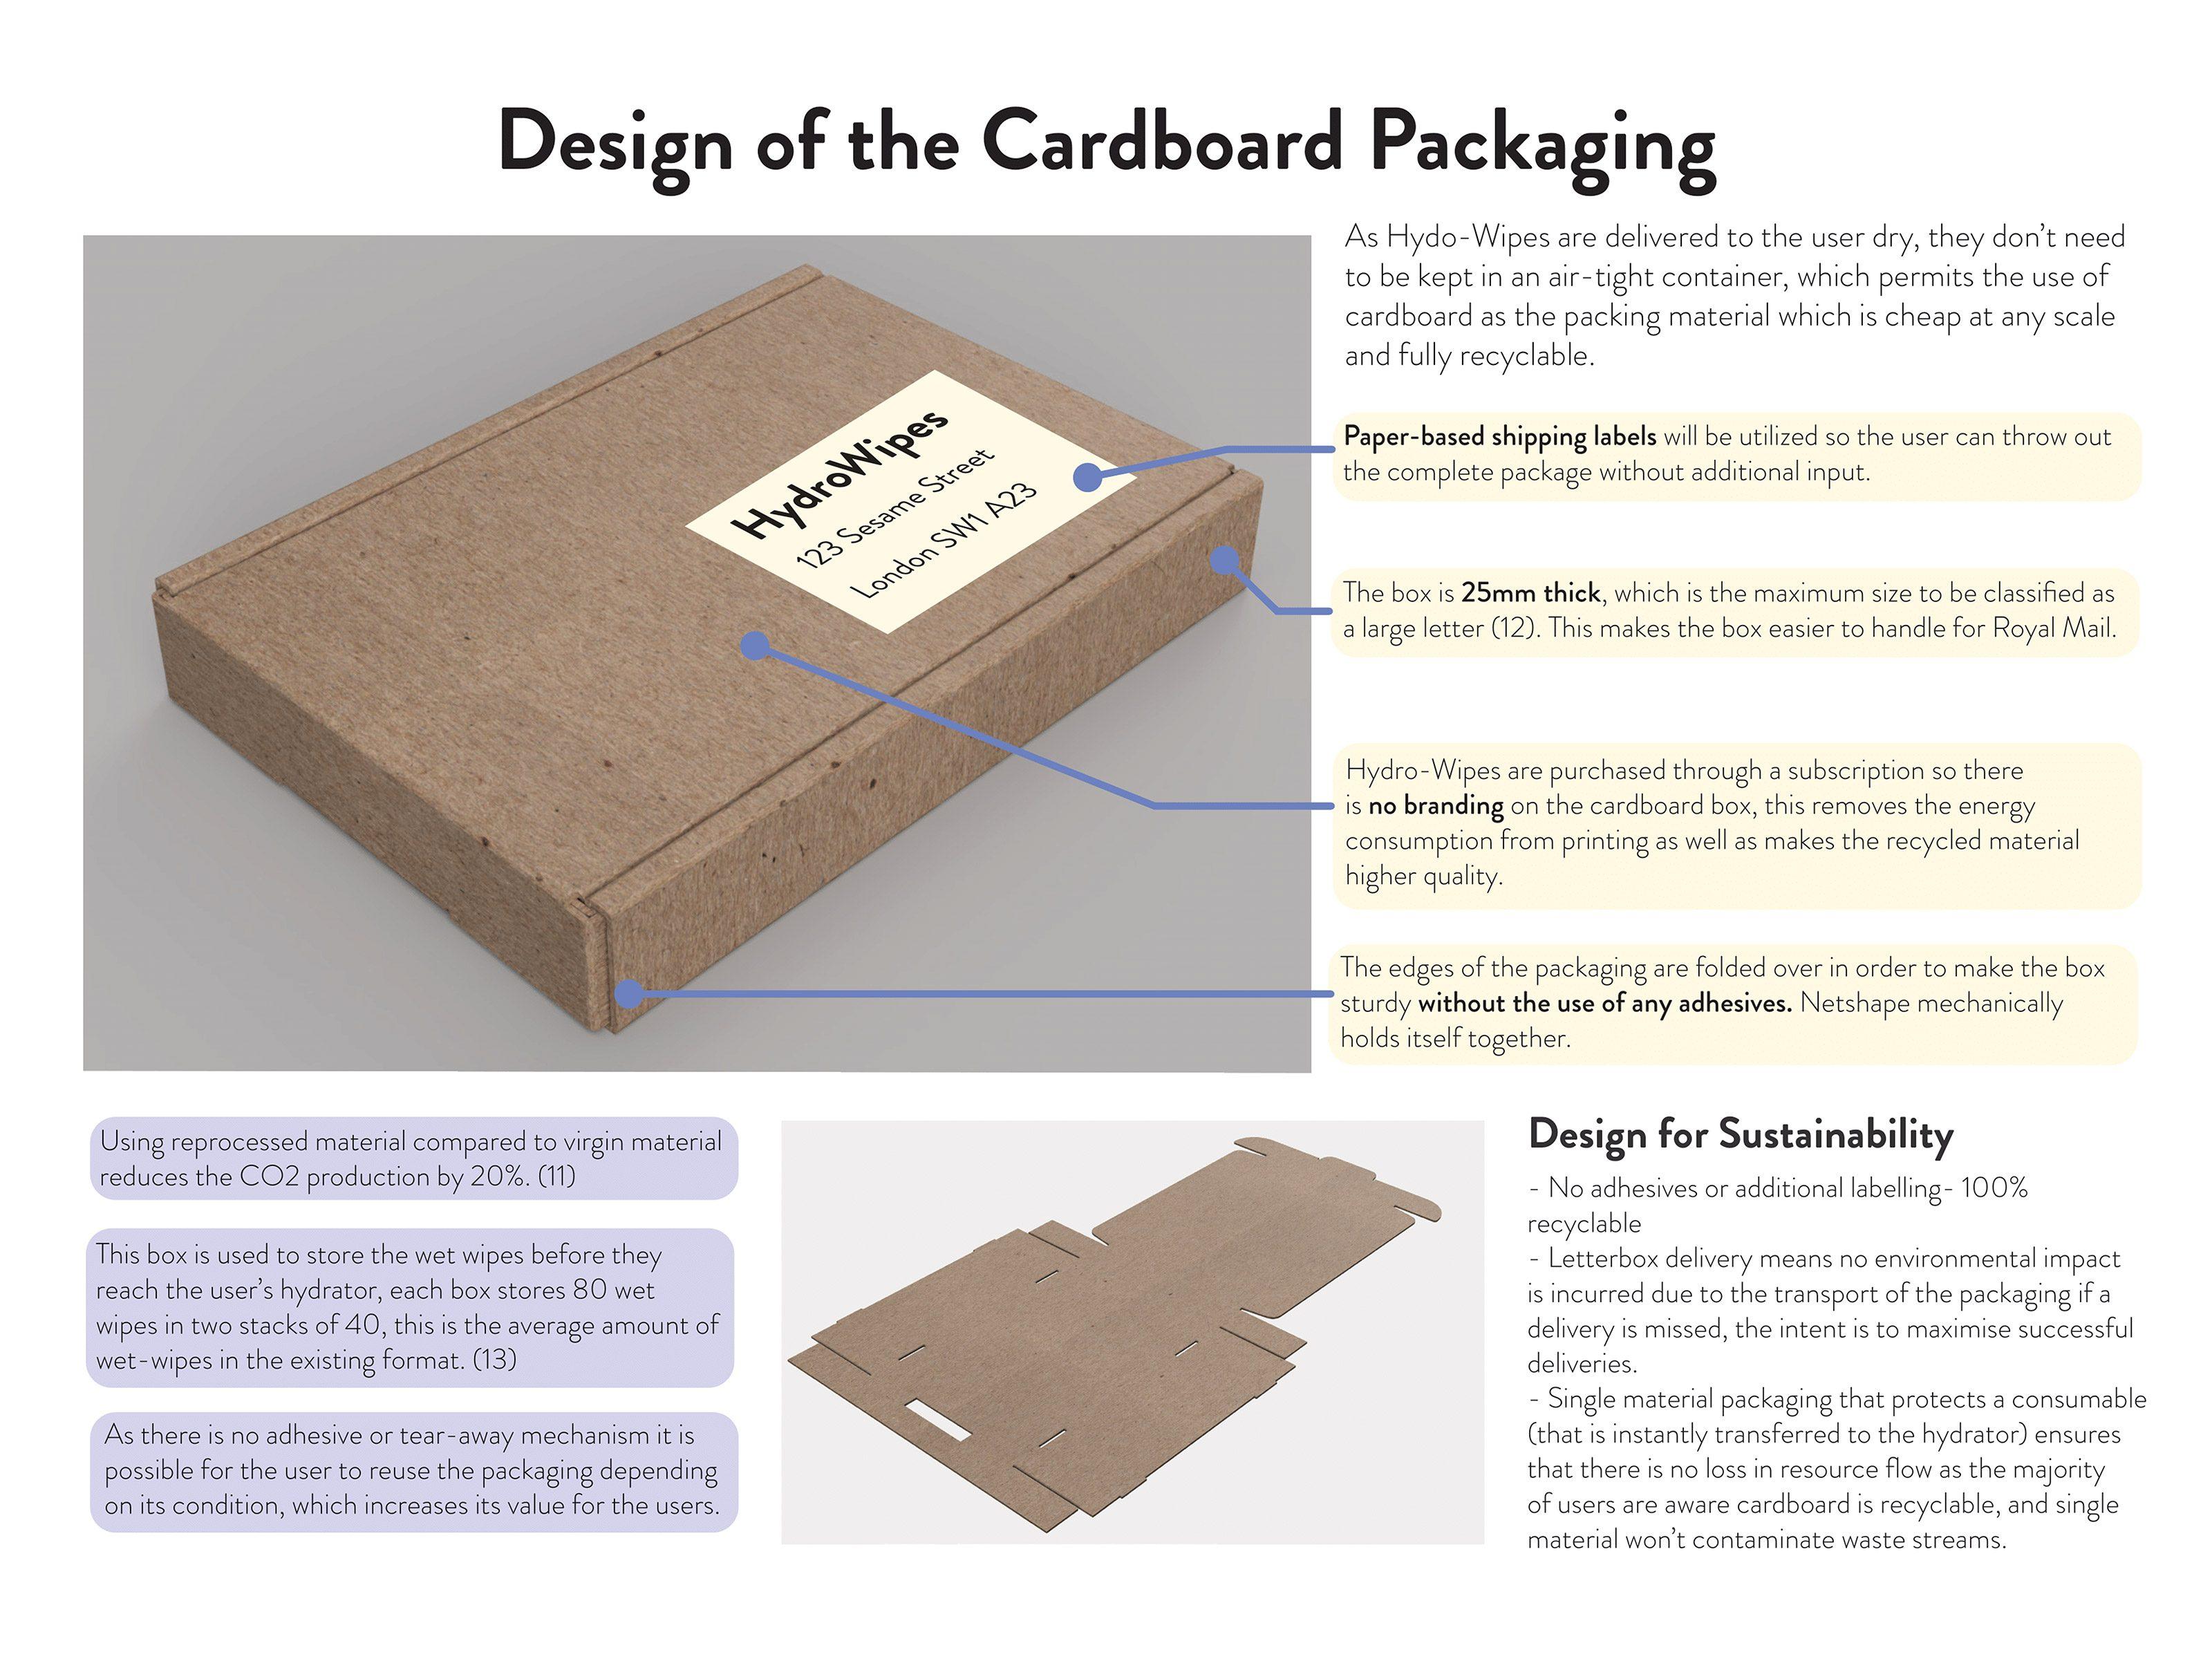 Design of Cardboard Packaging